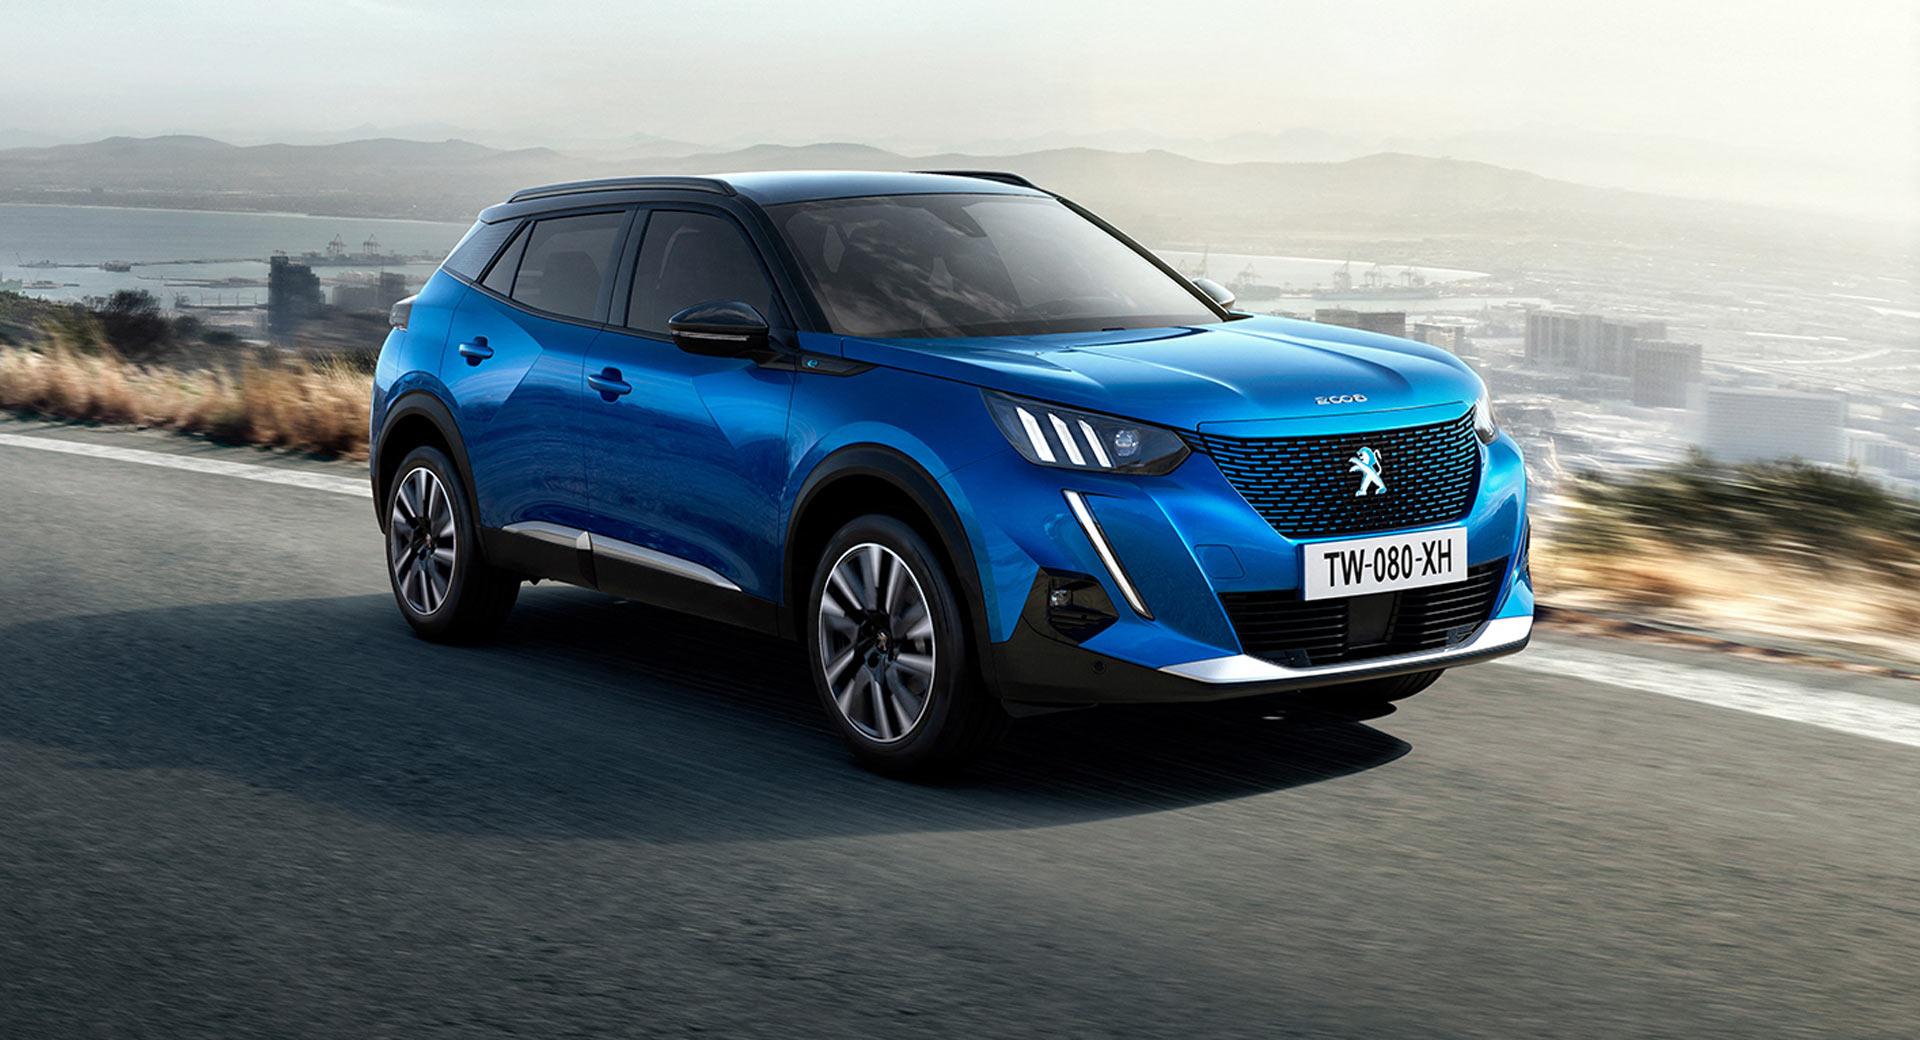 Peugeot giới thiệu thế hệ mới 2008 có thêm phiên bản chạy hoàn toàn bằng điện - 12